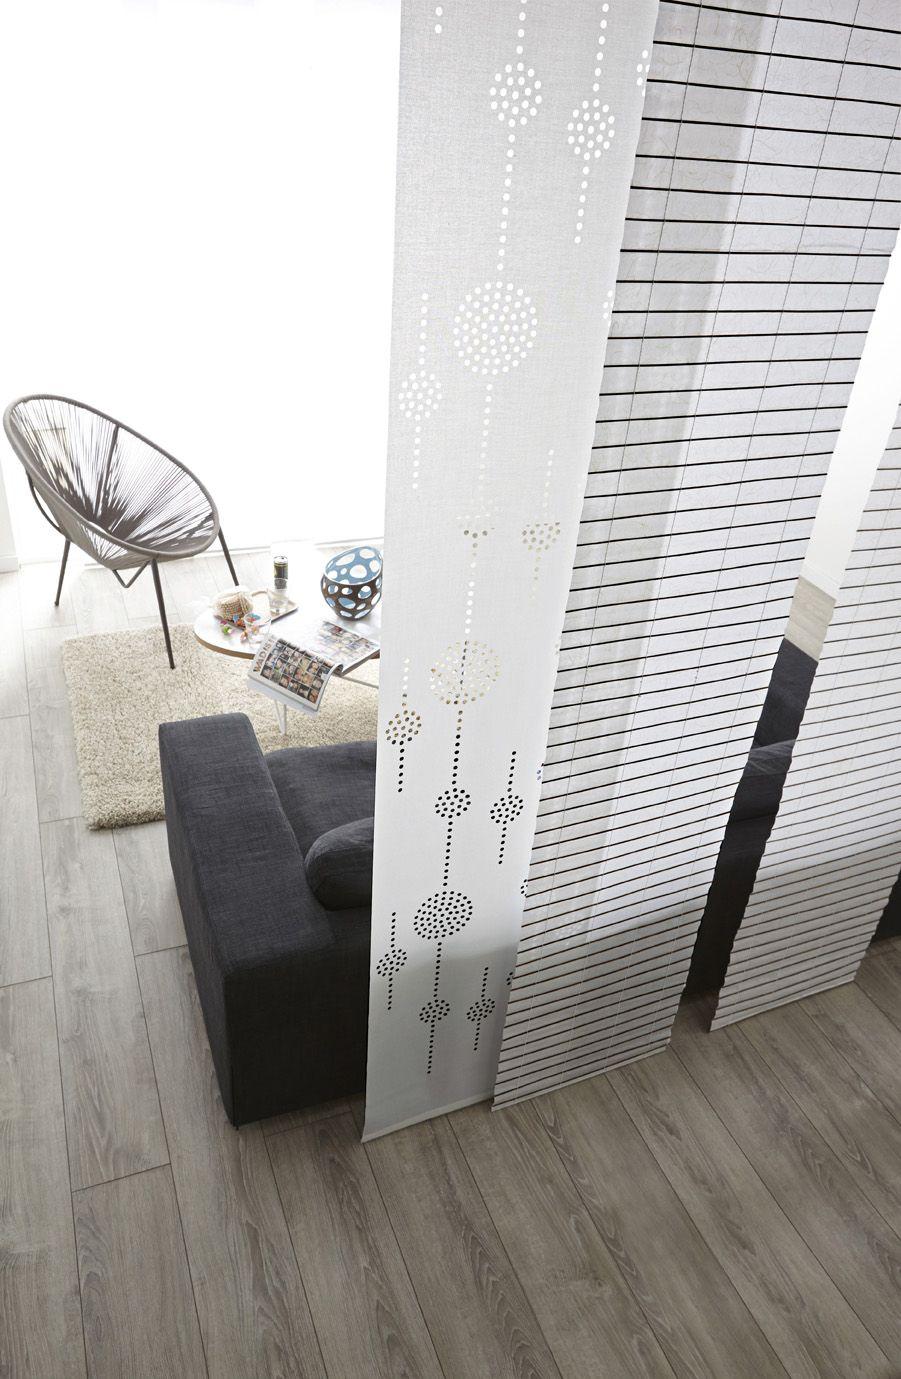 panneaux japonais d co fen tres pinterest ps et merlin. Black Bedroom Furniture Sets. Home Design Ideas